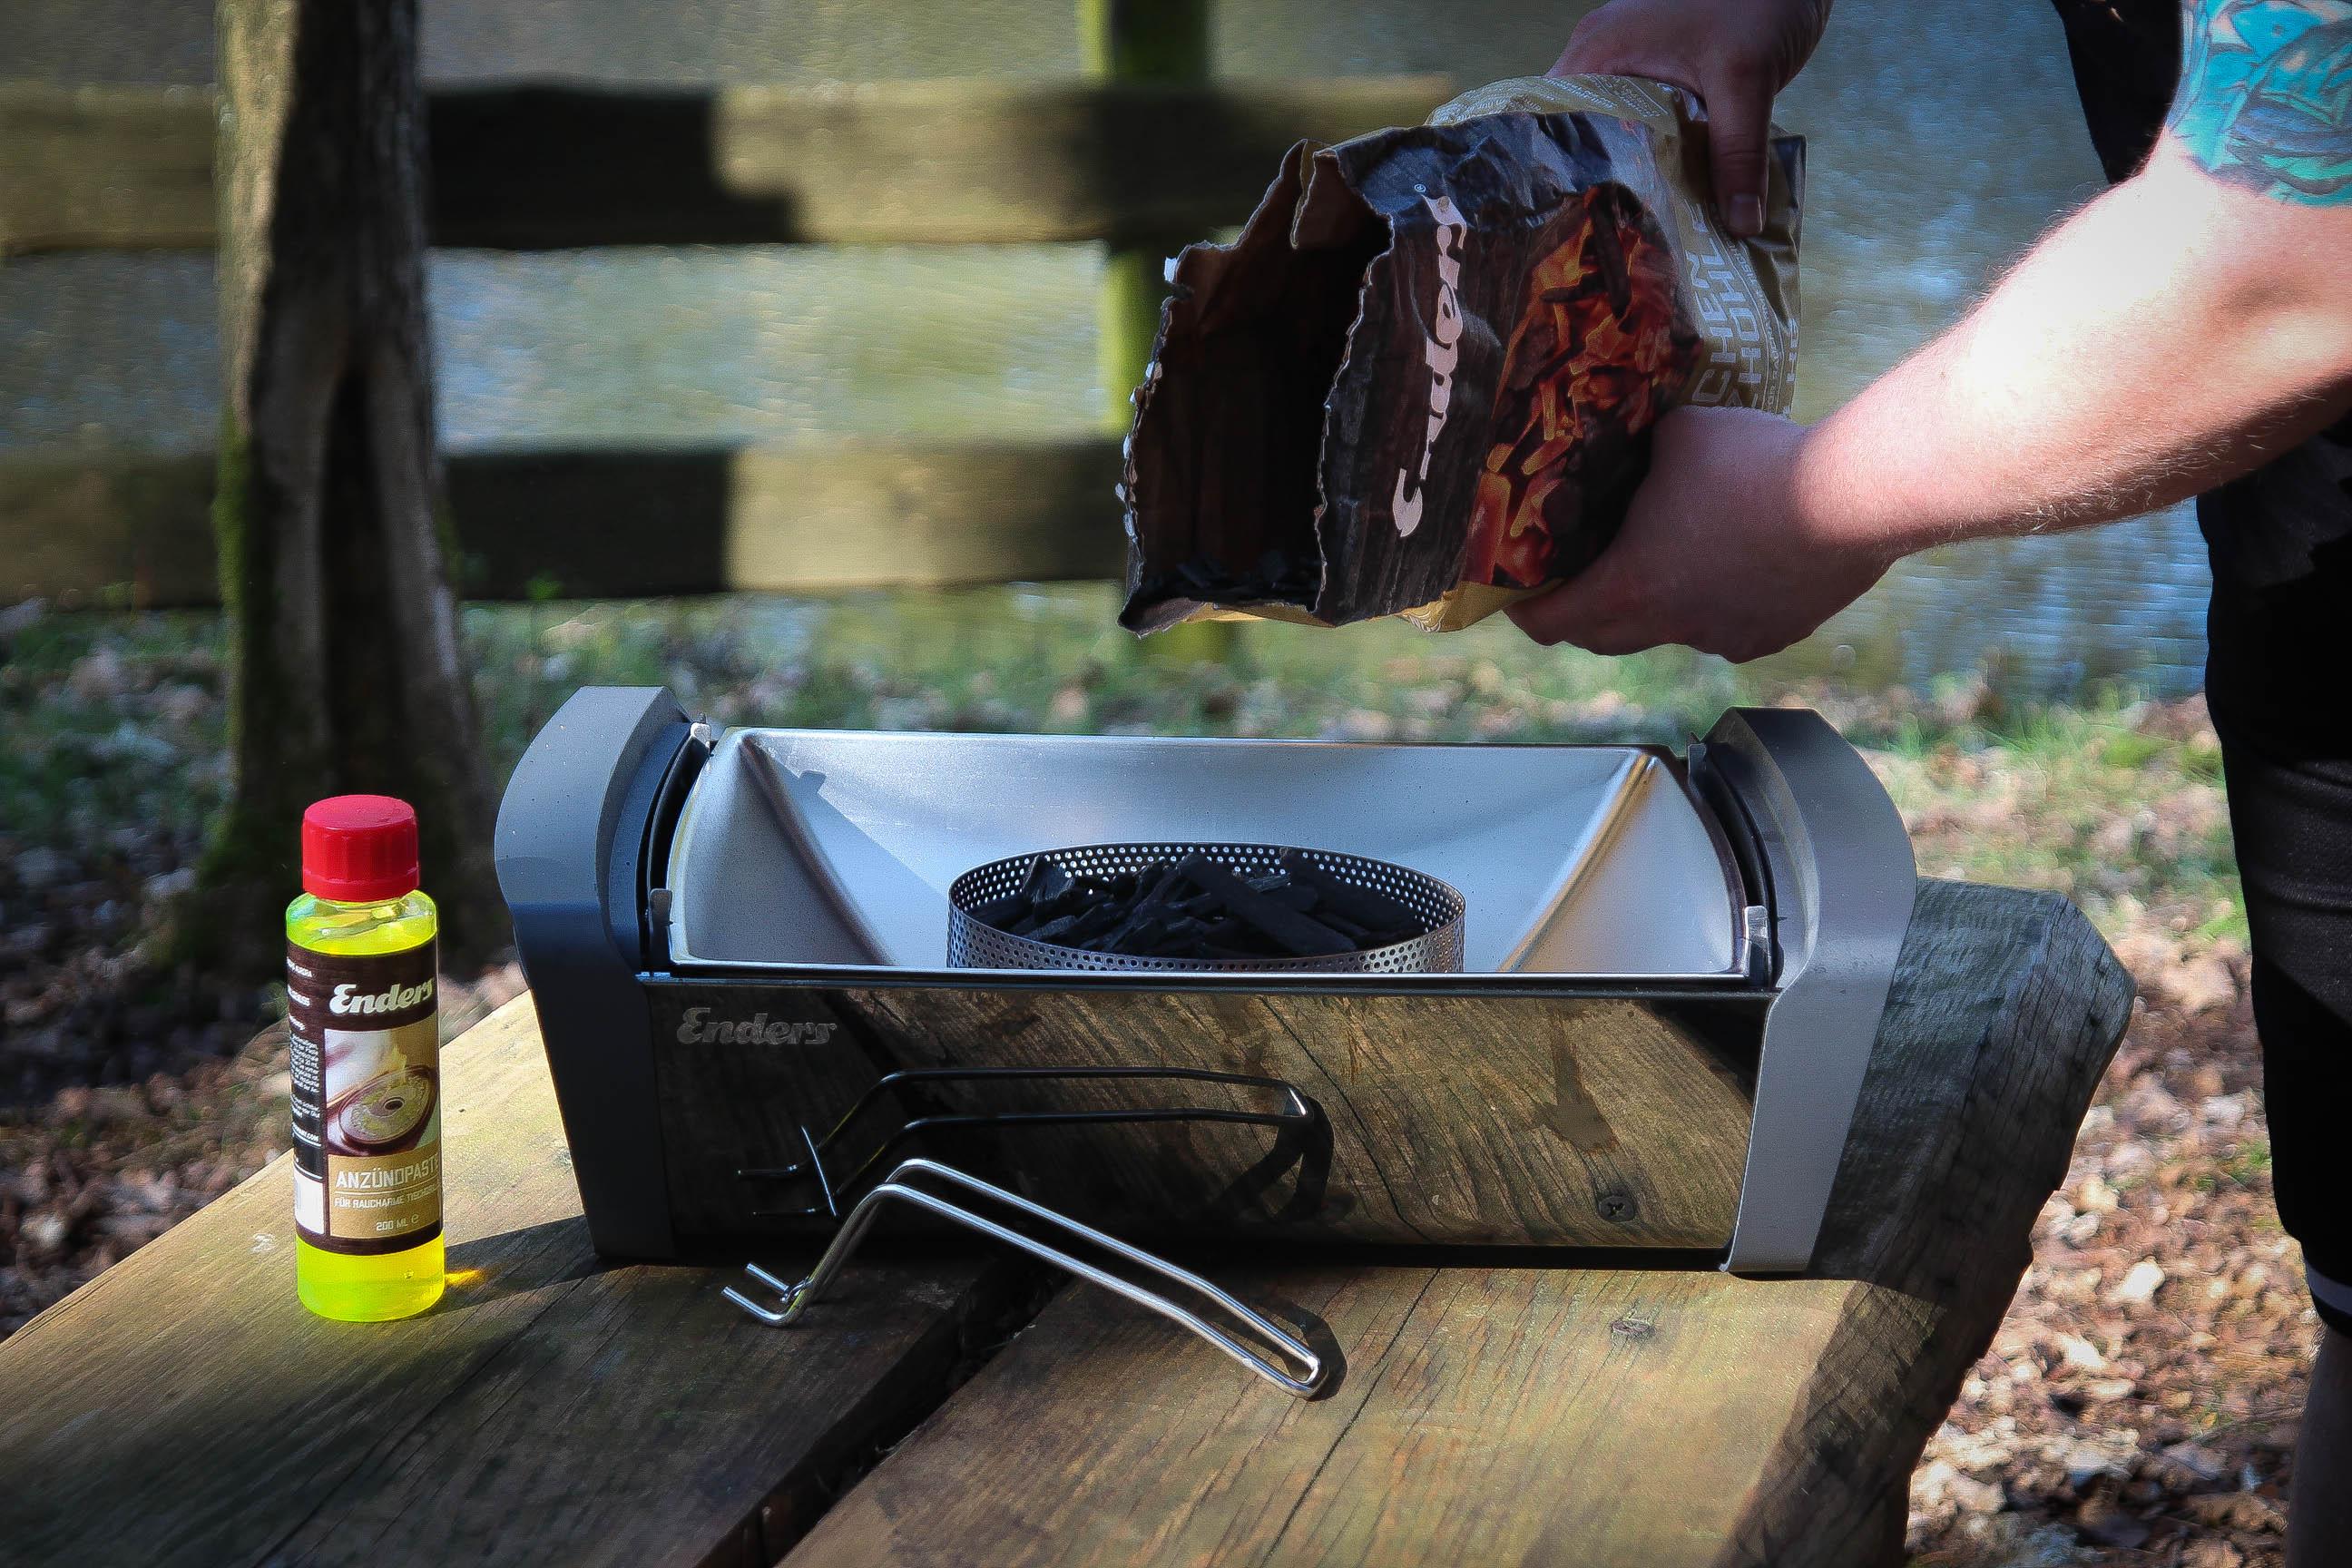 Kohlekorb befüllt auf die Brennpaste stellen